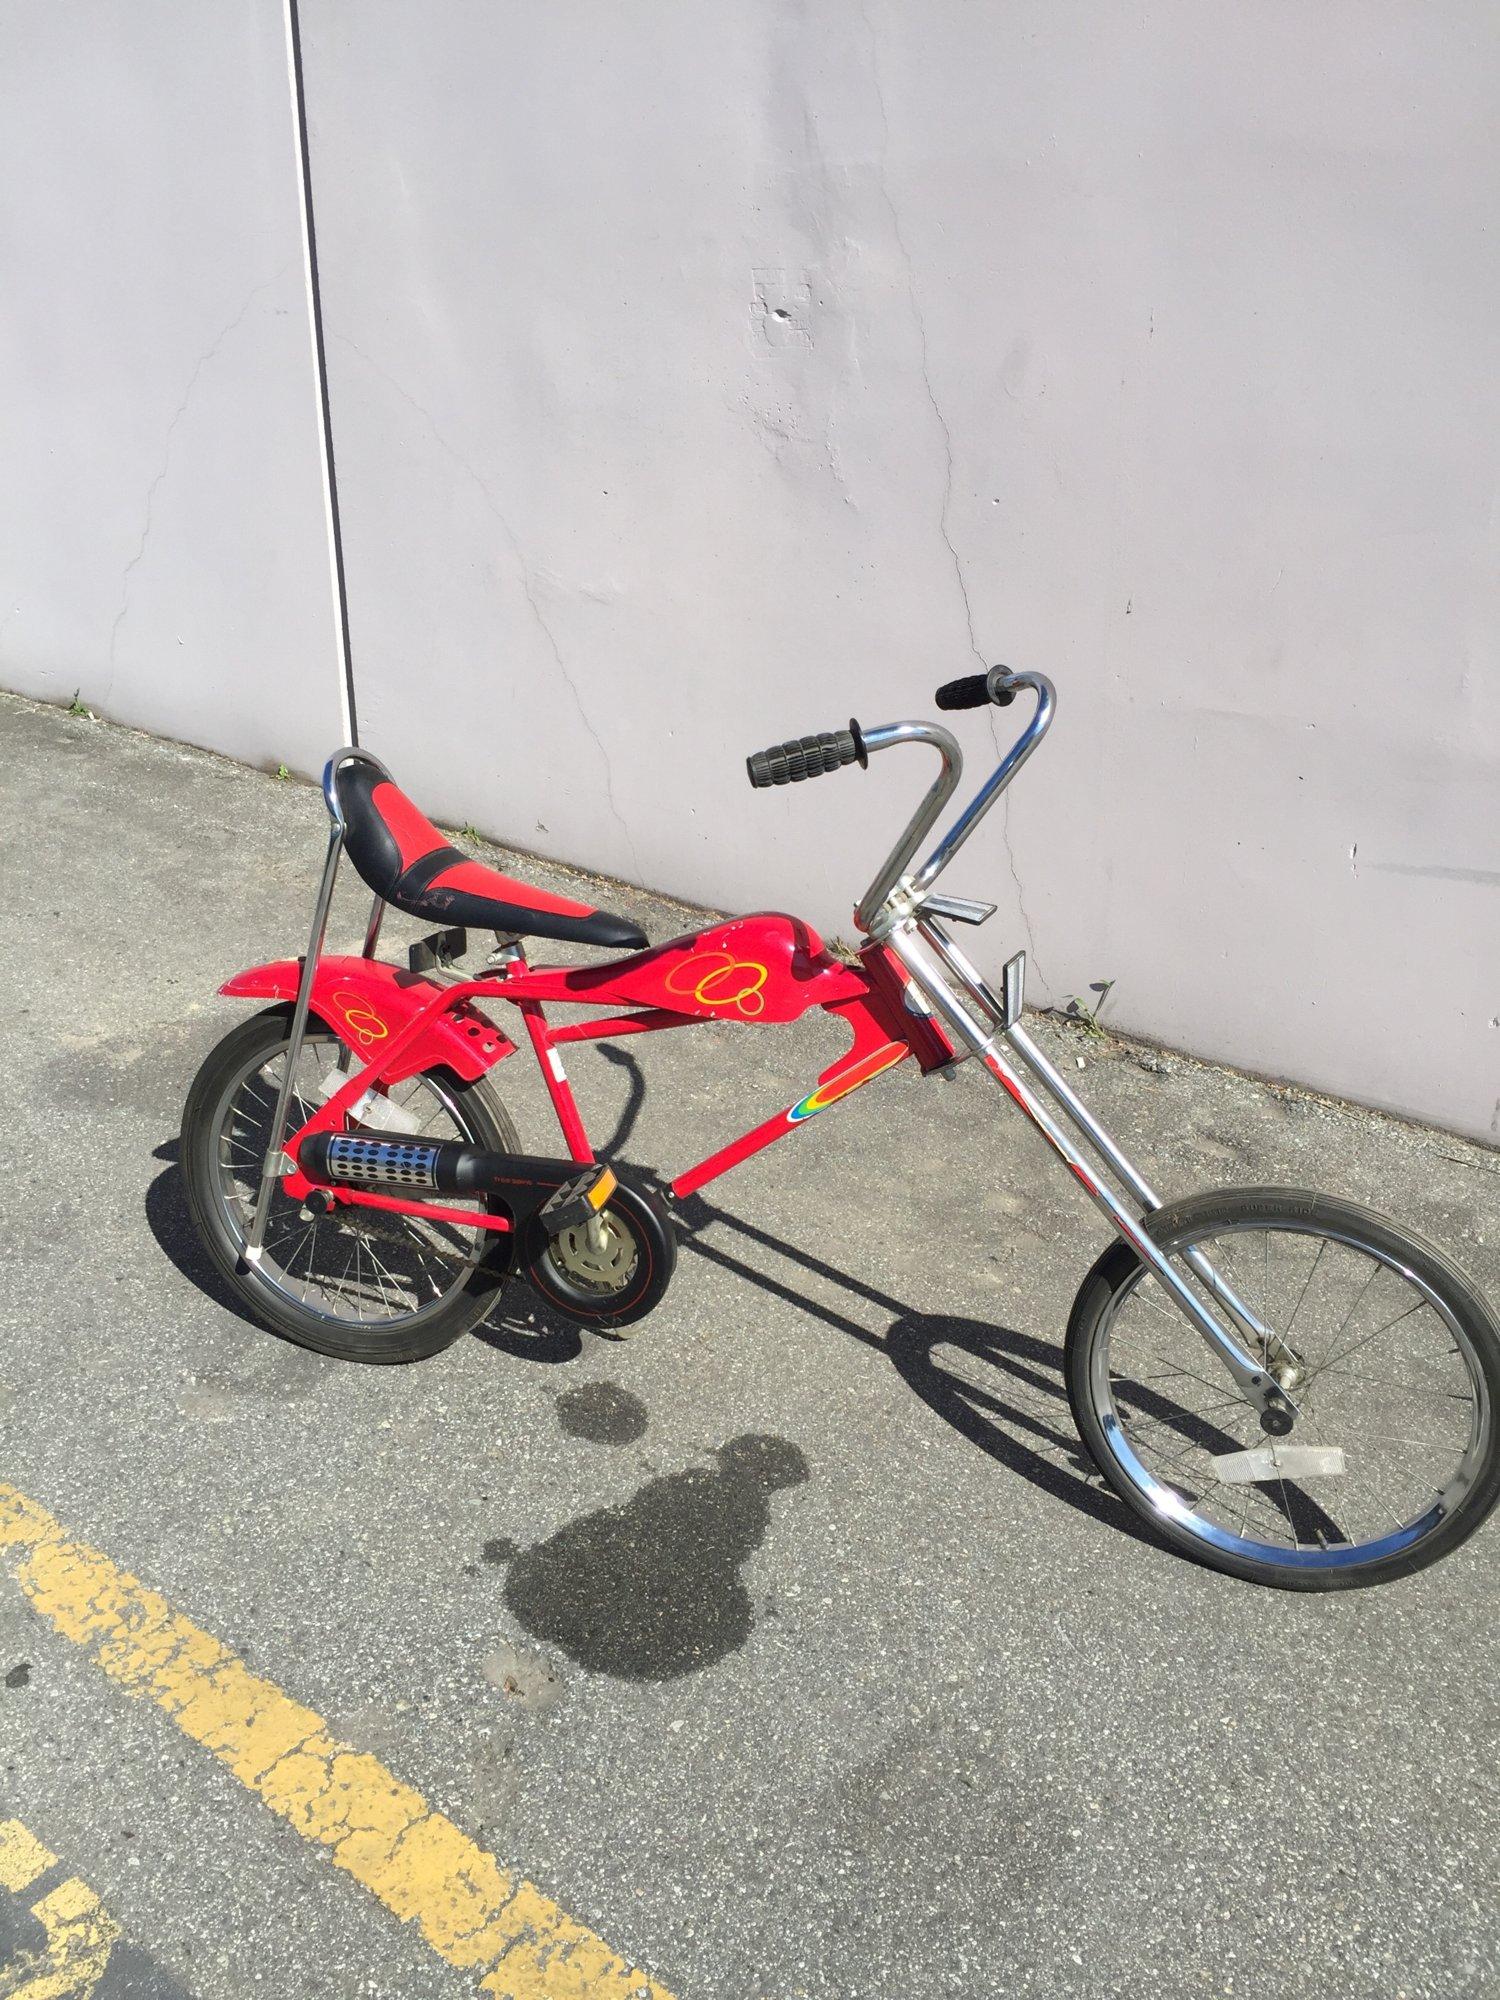 Bike - Simpsons Sears Chopper Bicycle Original NOS 4.jpg